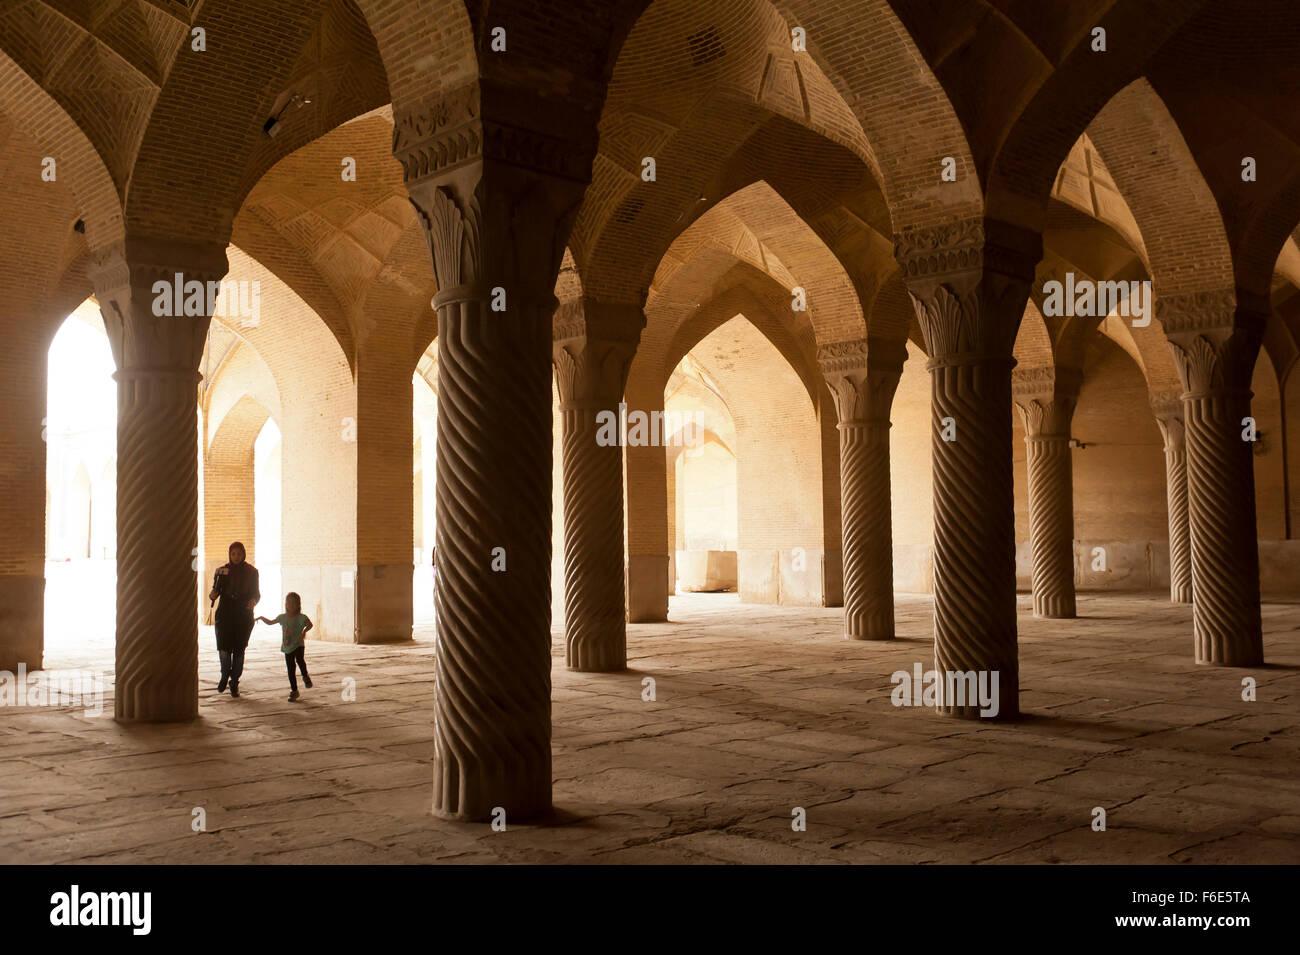 Madre con su hijo en la sala de oración de la Mezquita Vakil, Shiraz, Irán Foto de stock